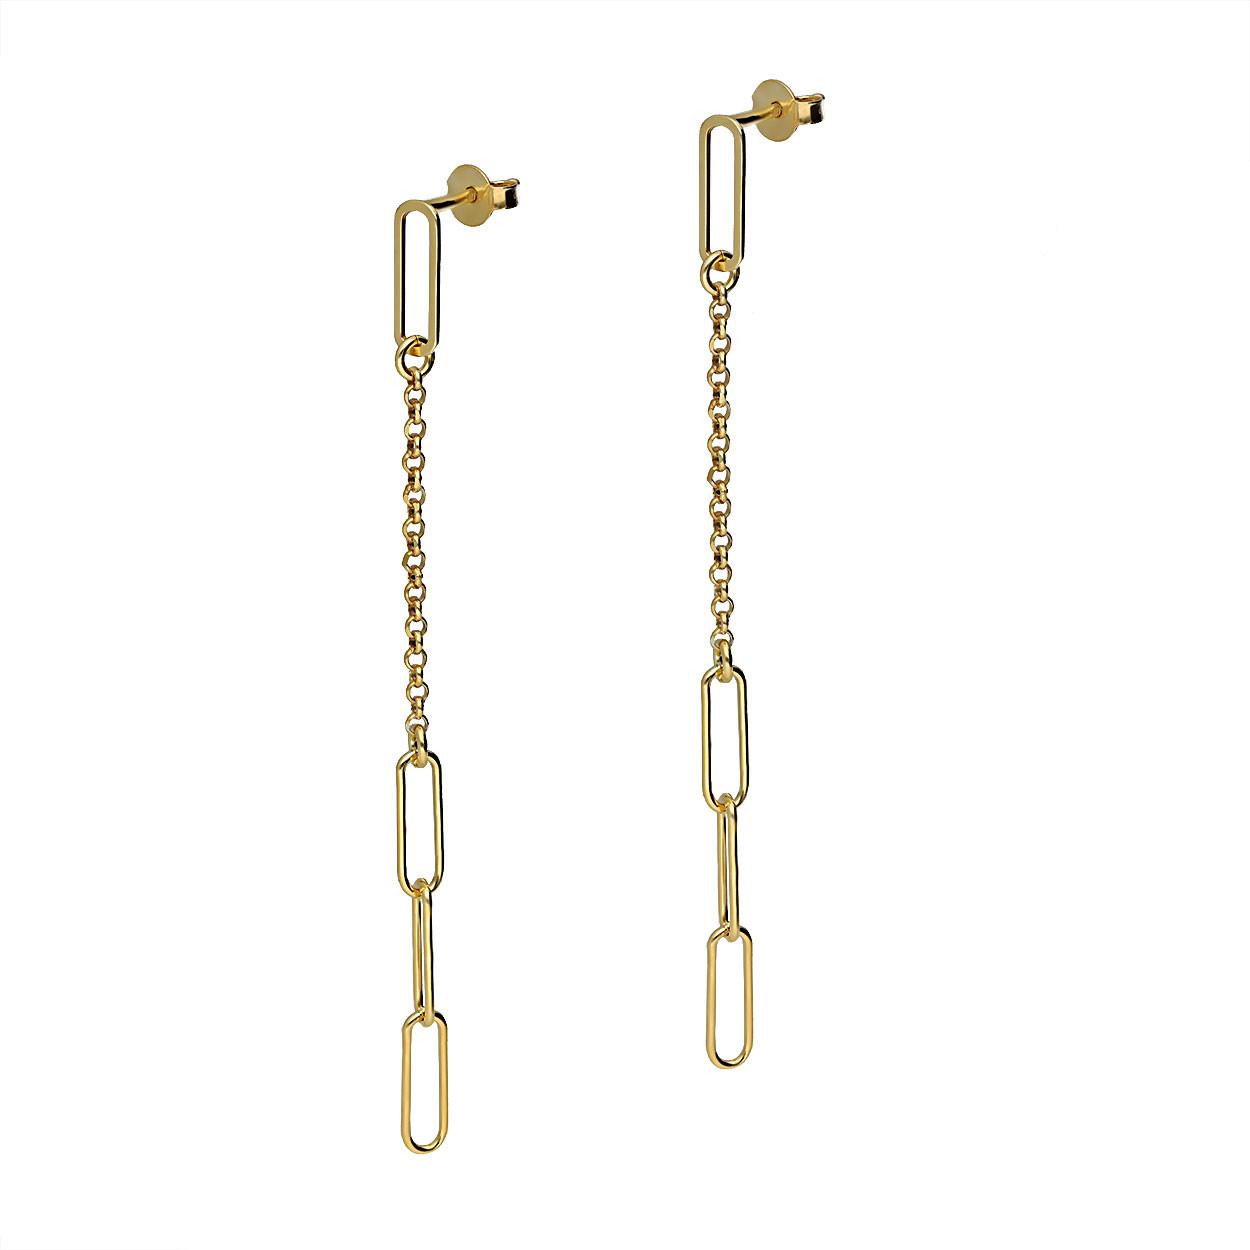 Kolczyki srebrne pozłacane, wiszące, zapięcie na sztyft, próba 925